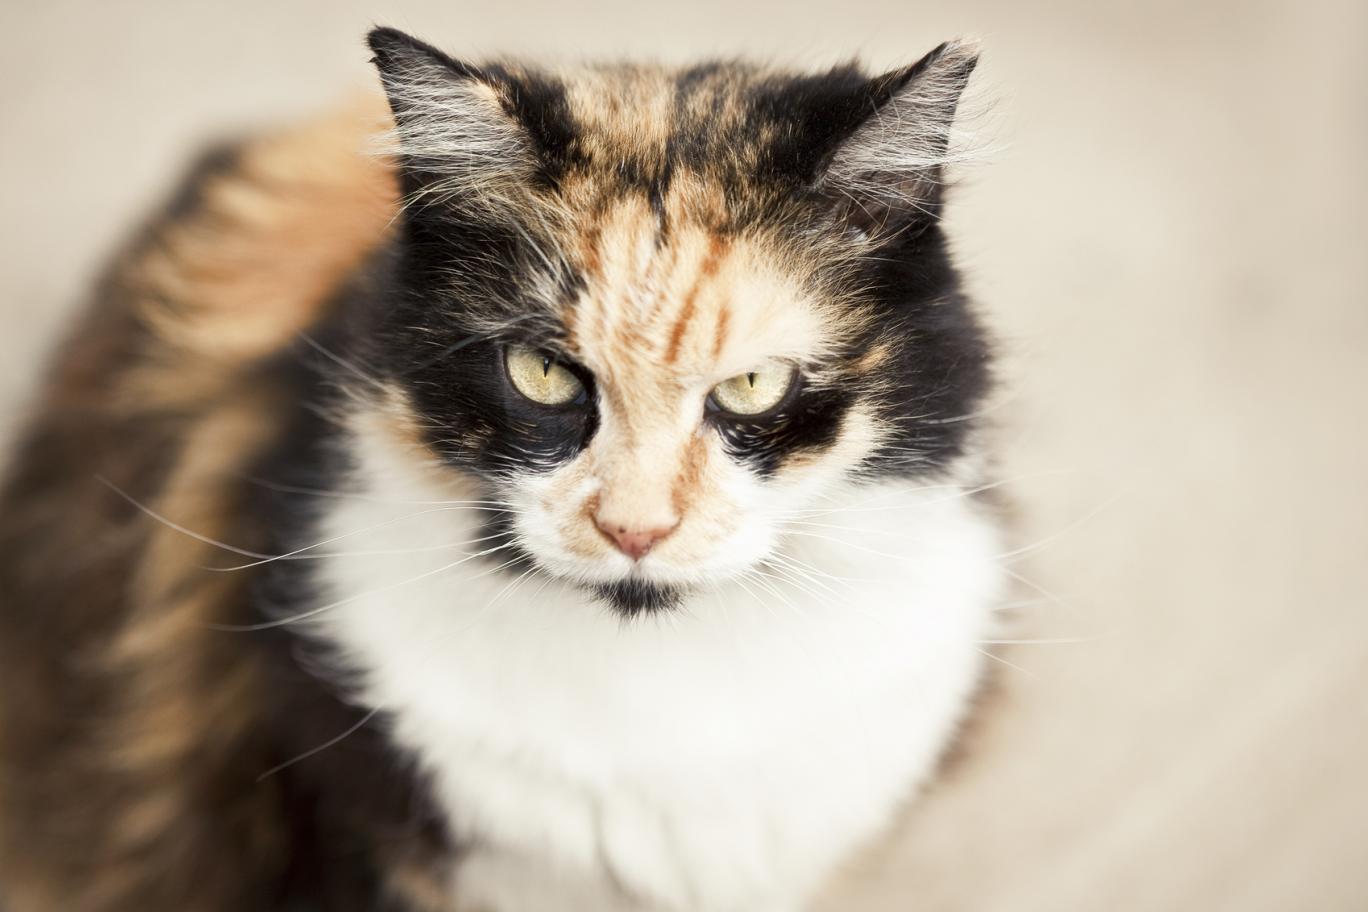 Mèo sẽ trở nên hung dữ bất thường nếu quá sợ hãi. Ảnh: Independent